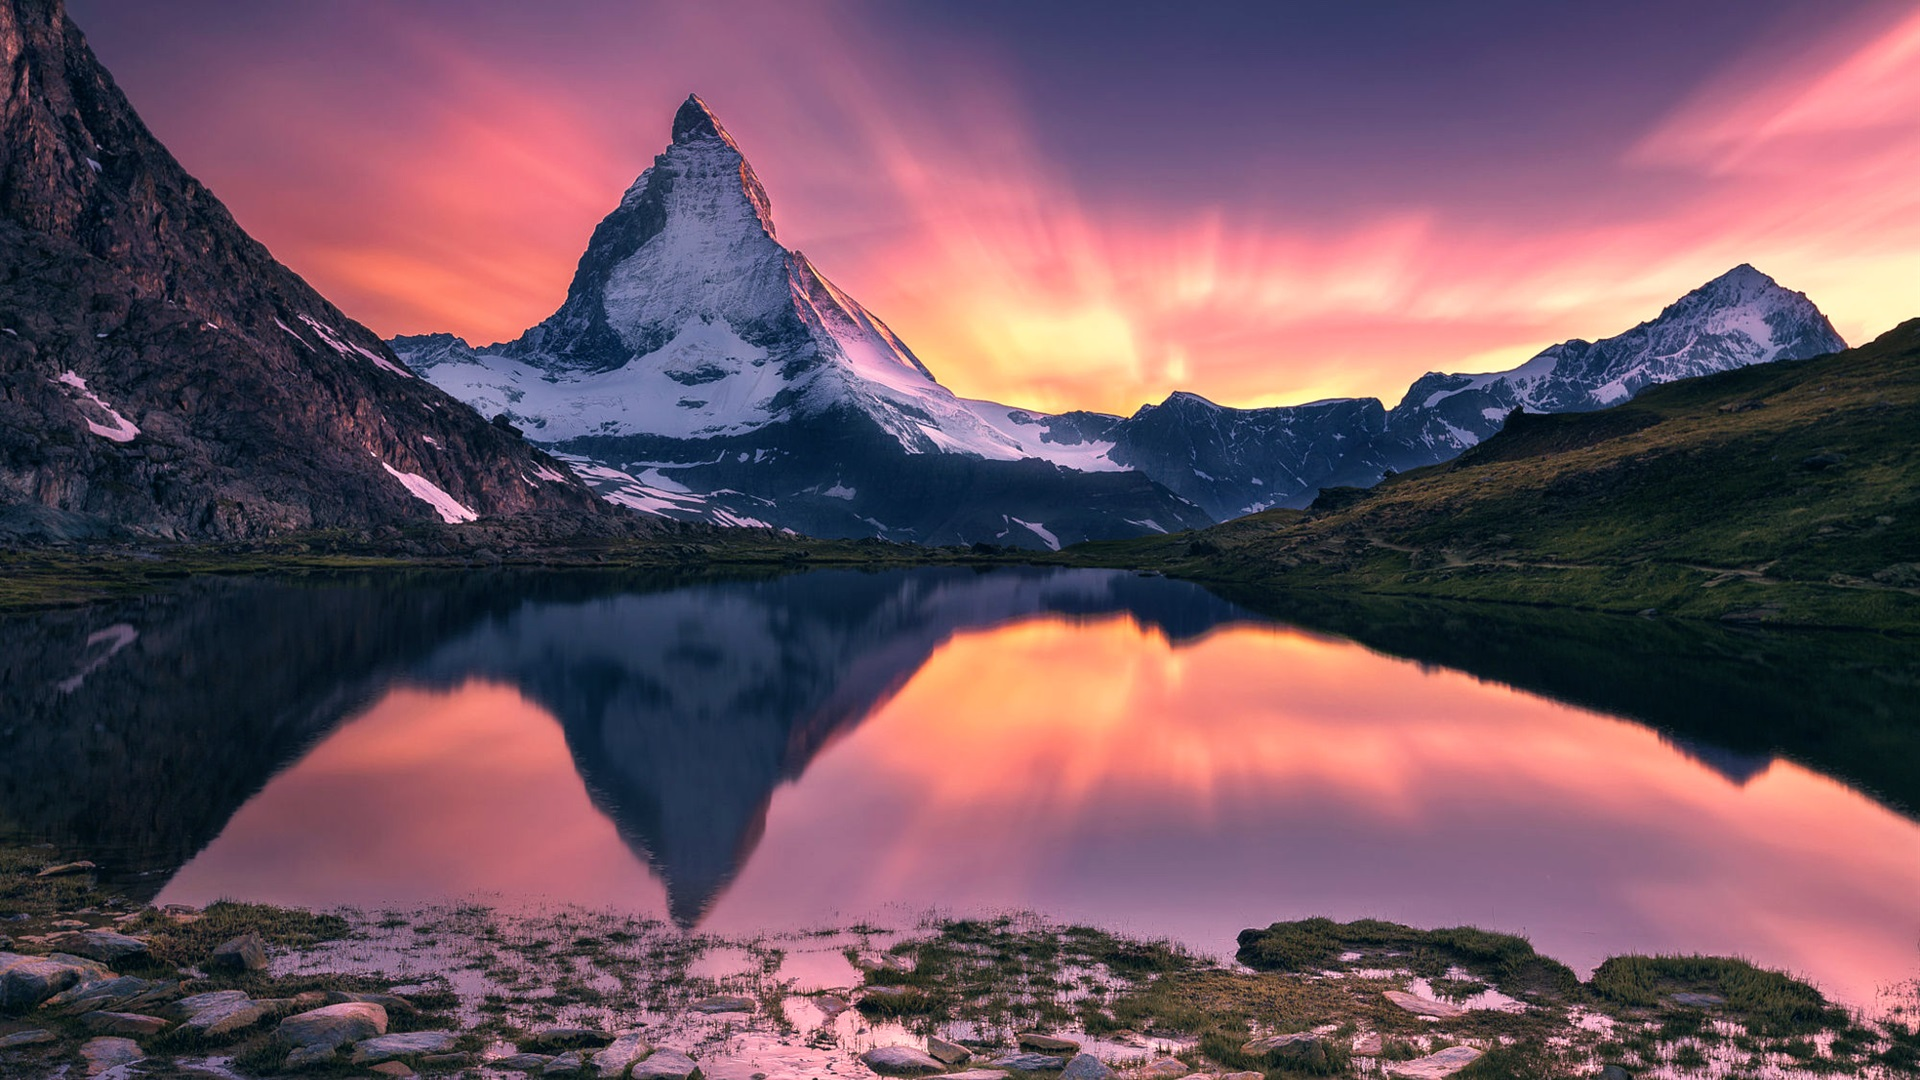 wallpaper matterhorn beautiful sunset landscape mountain